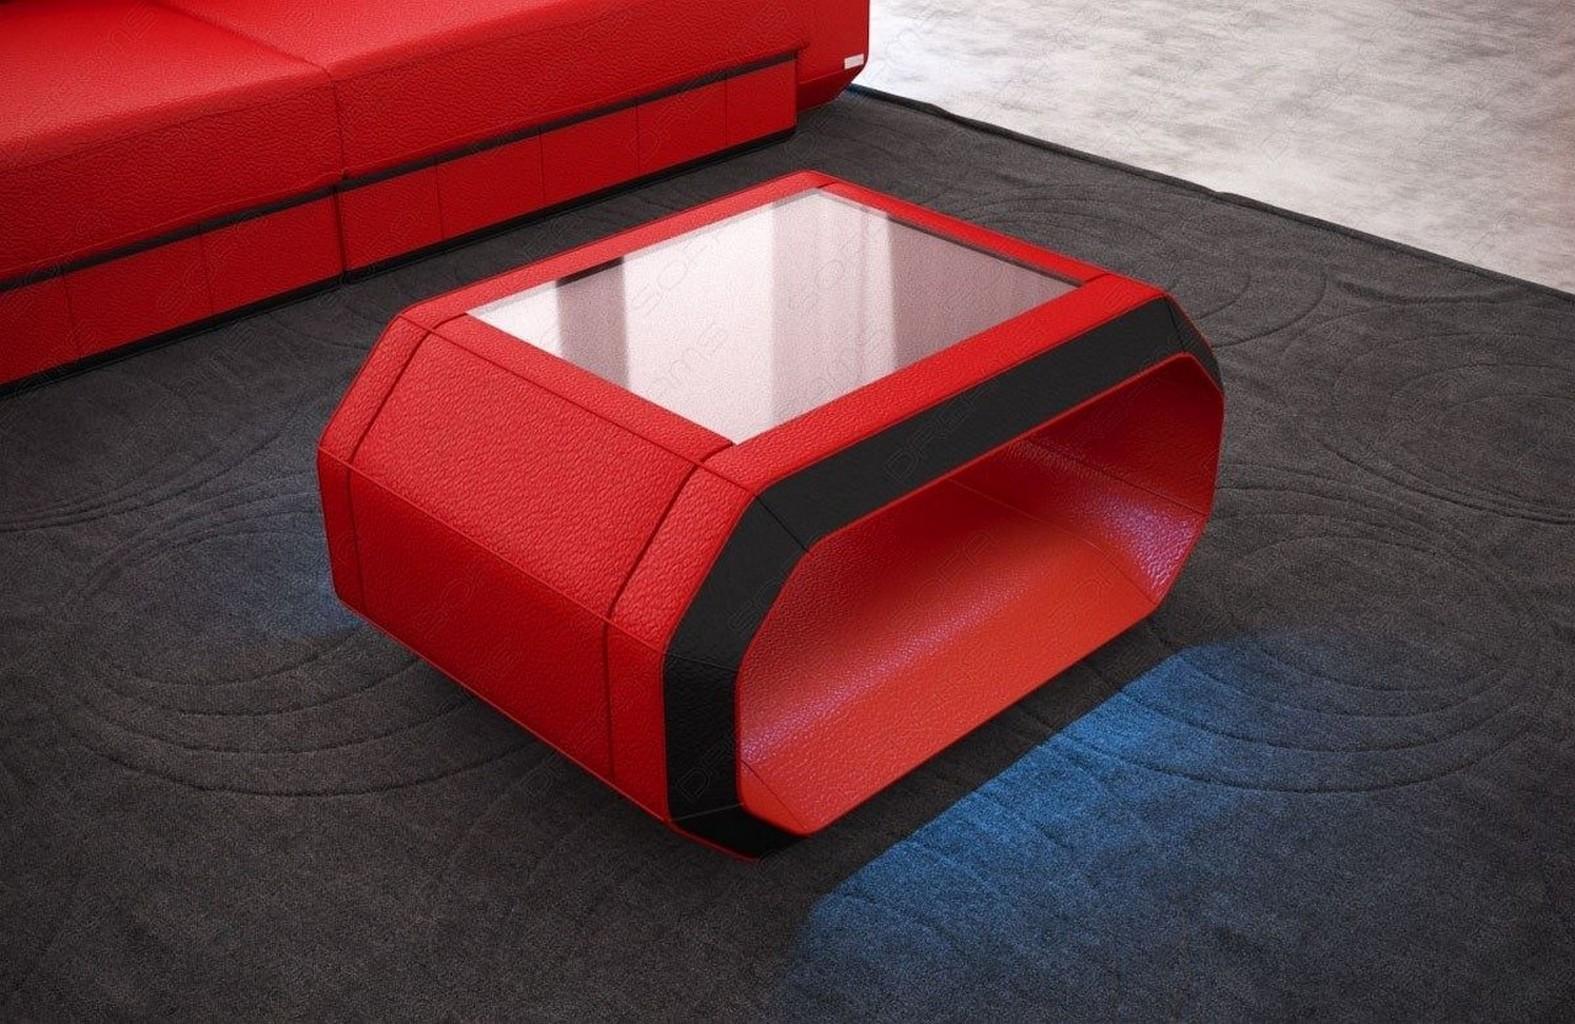 design couchtisch roma leder wohnzimmertisch led beleuchtung mit akku farbwahl ebay. Black Bedroom Furniture Sets. Home Design Ideas